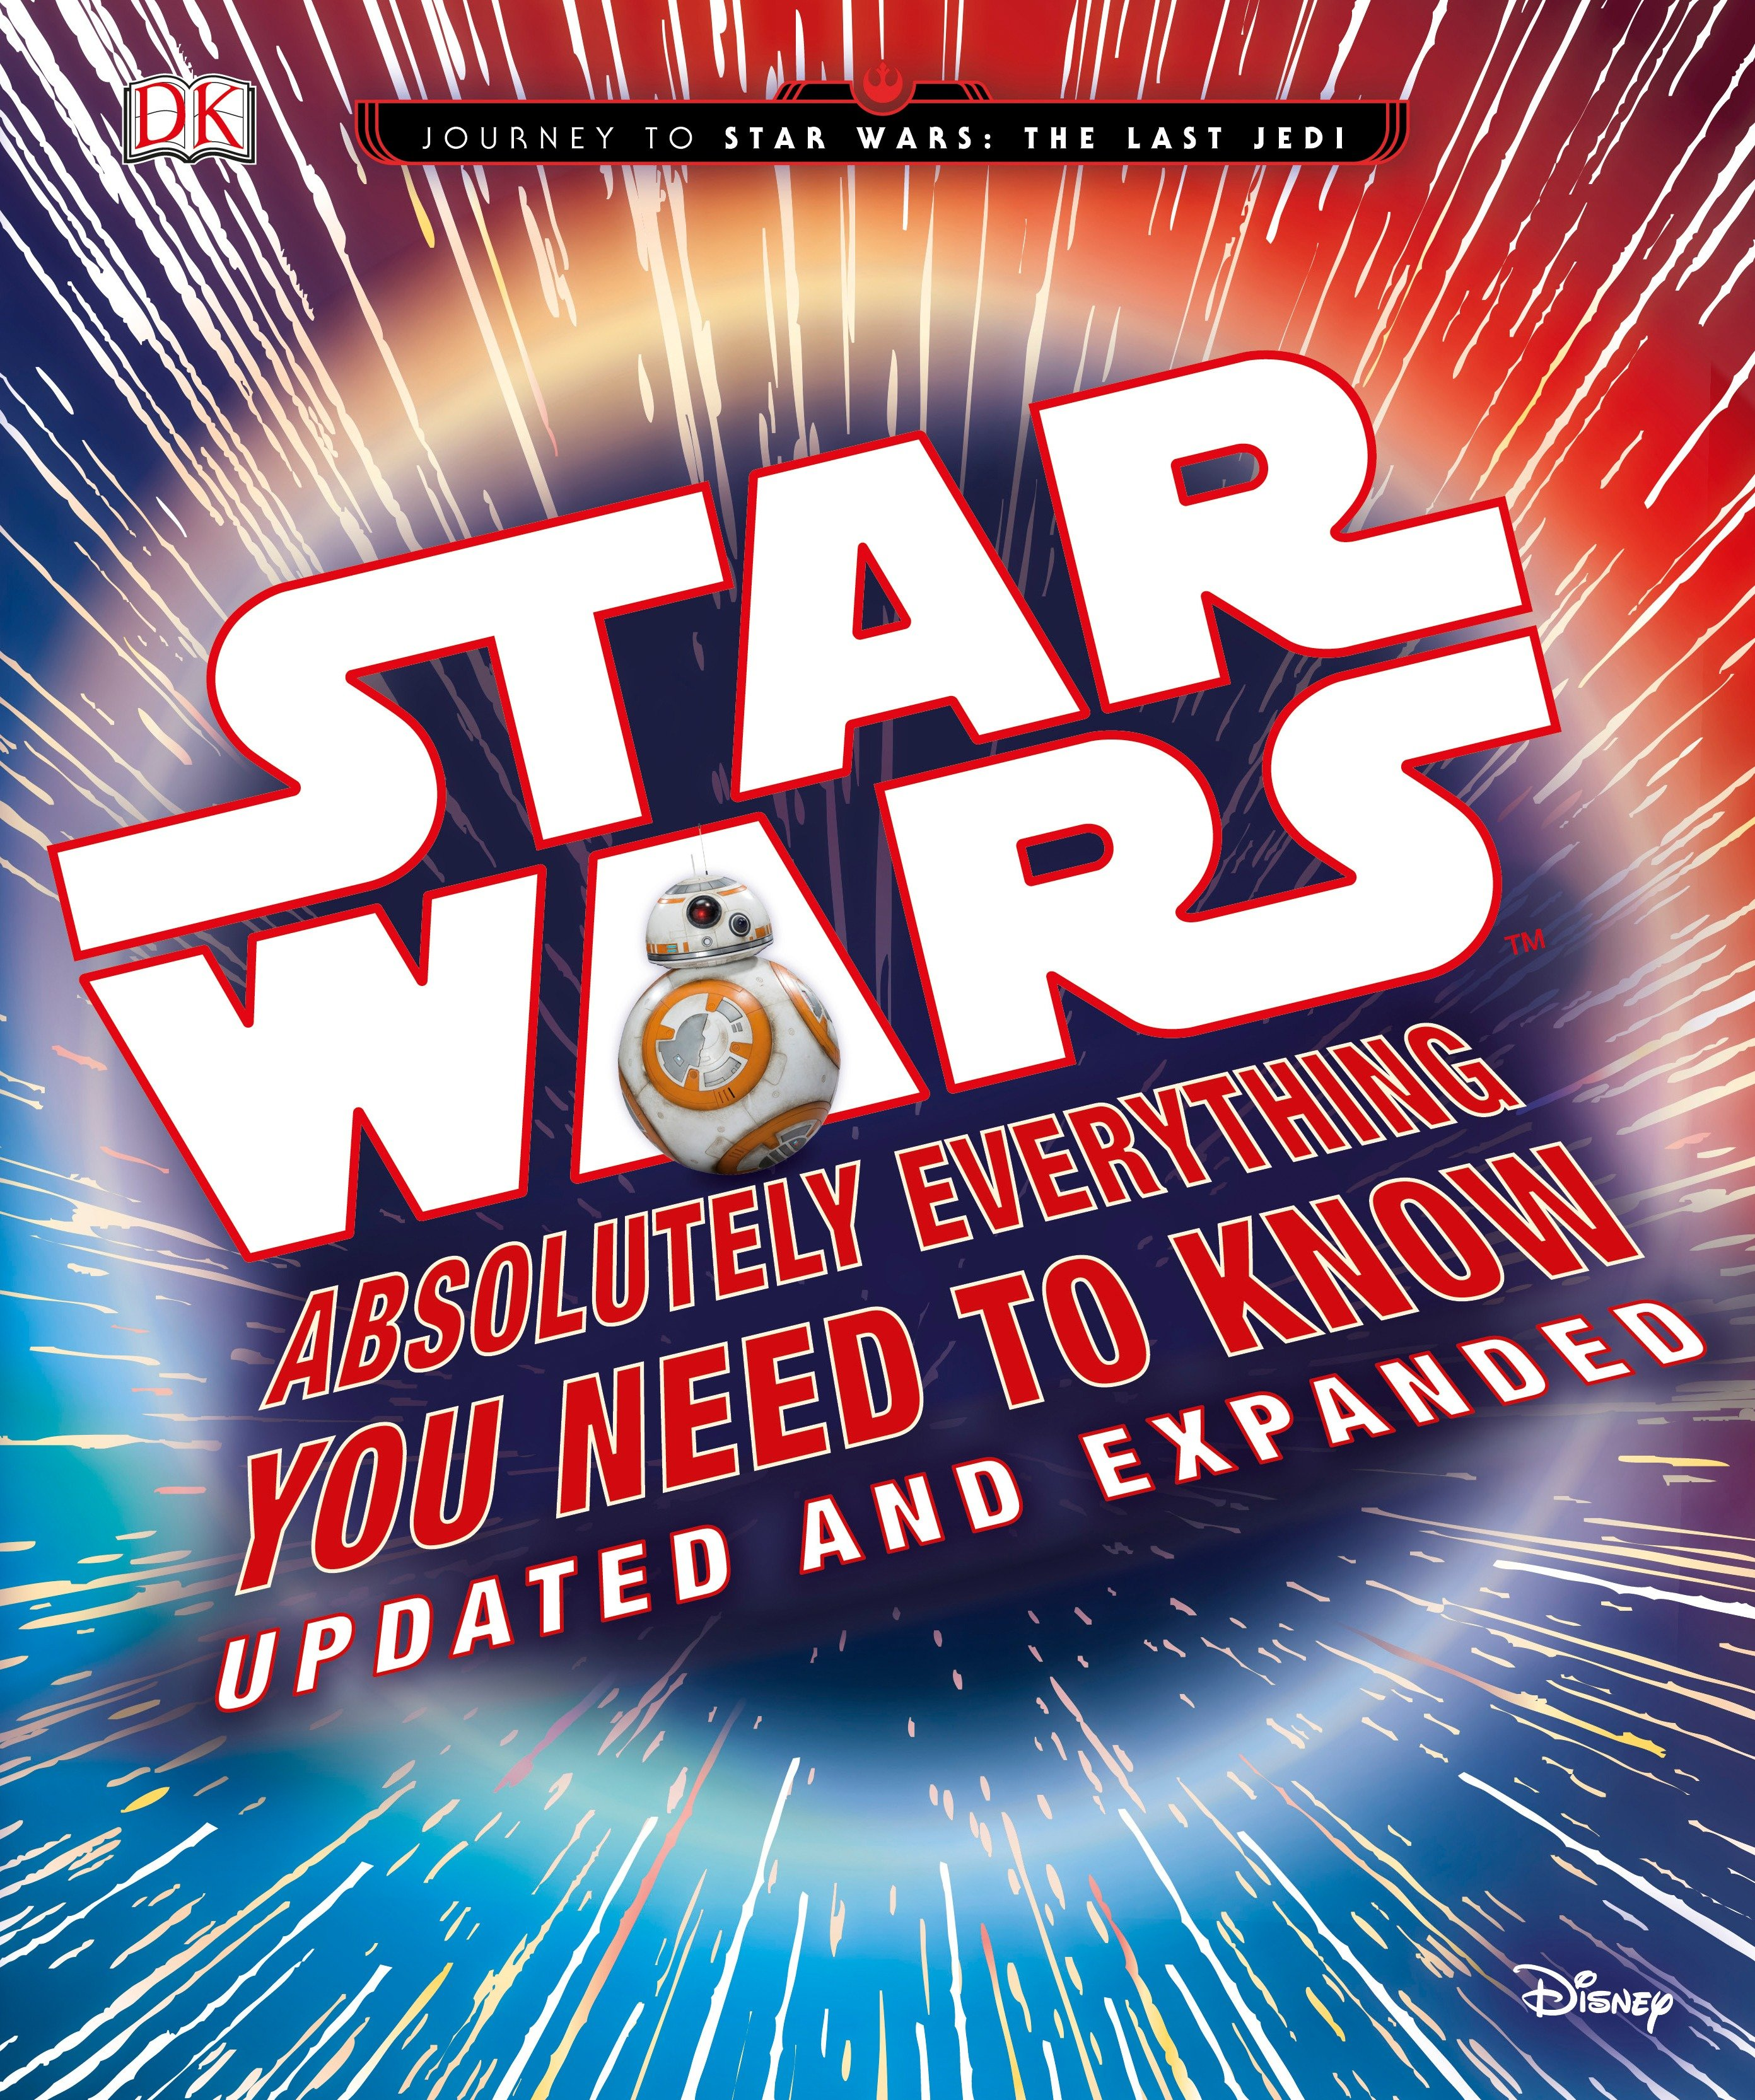 Звёздные войны: Абсолютно всё, что нужно знать (обновлённое и расширенное издание)